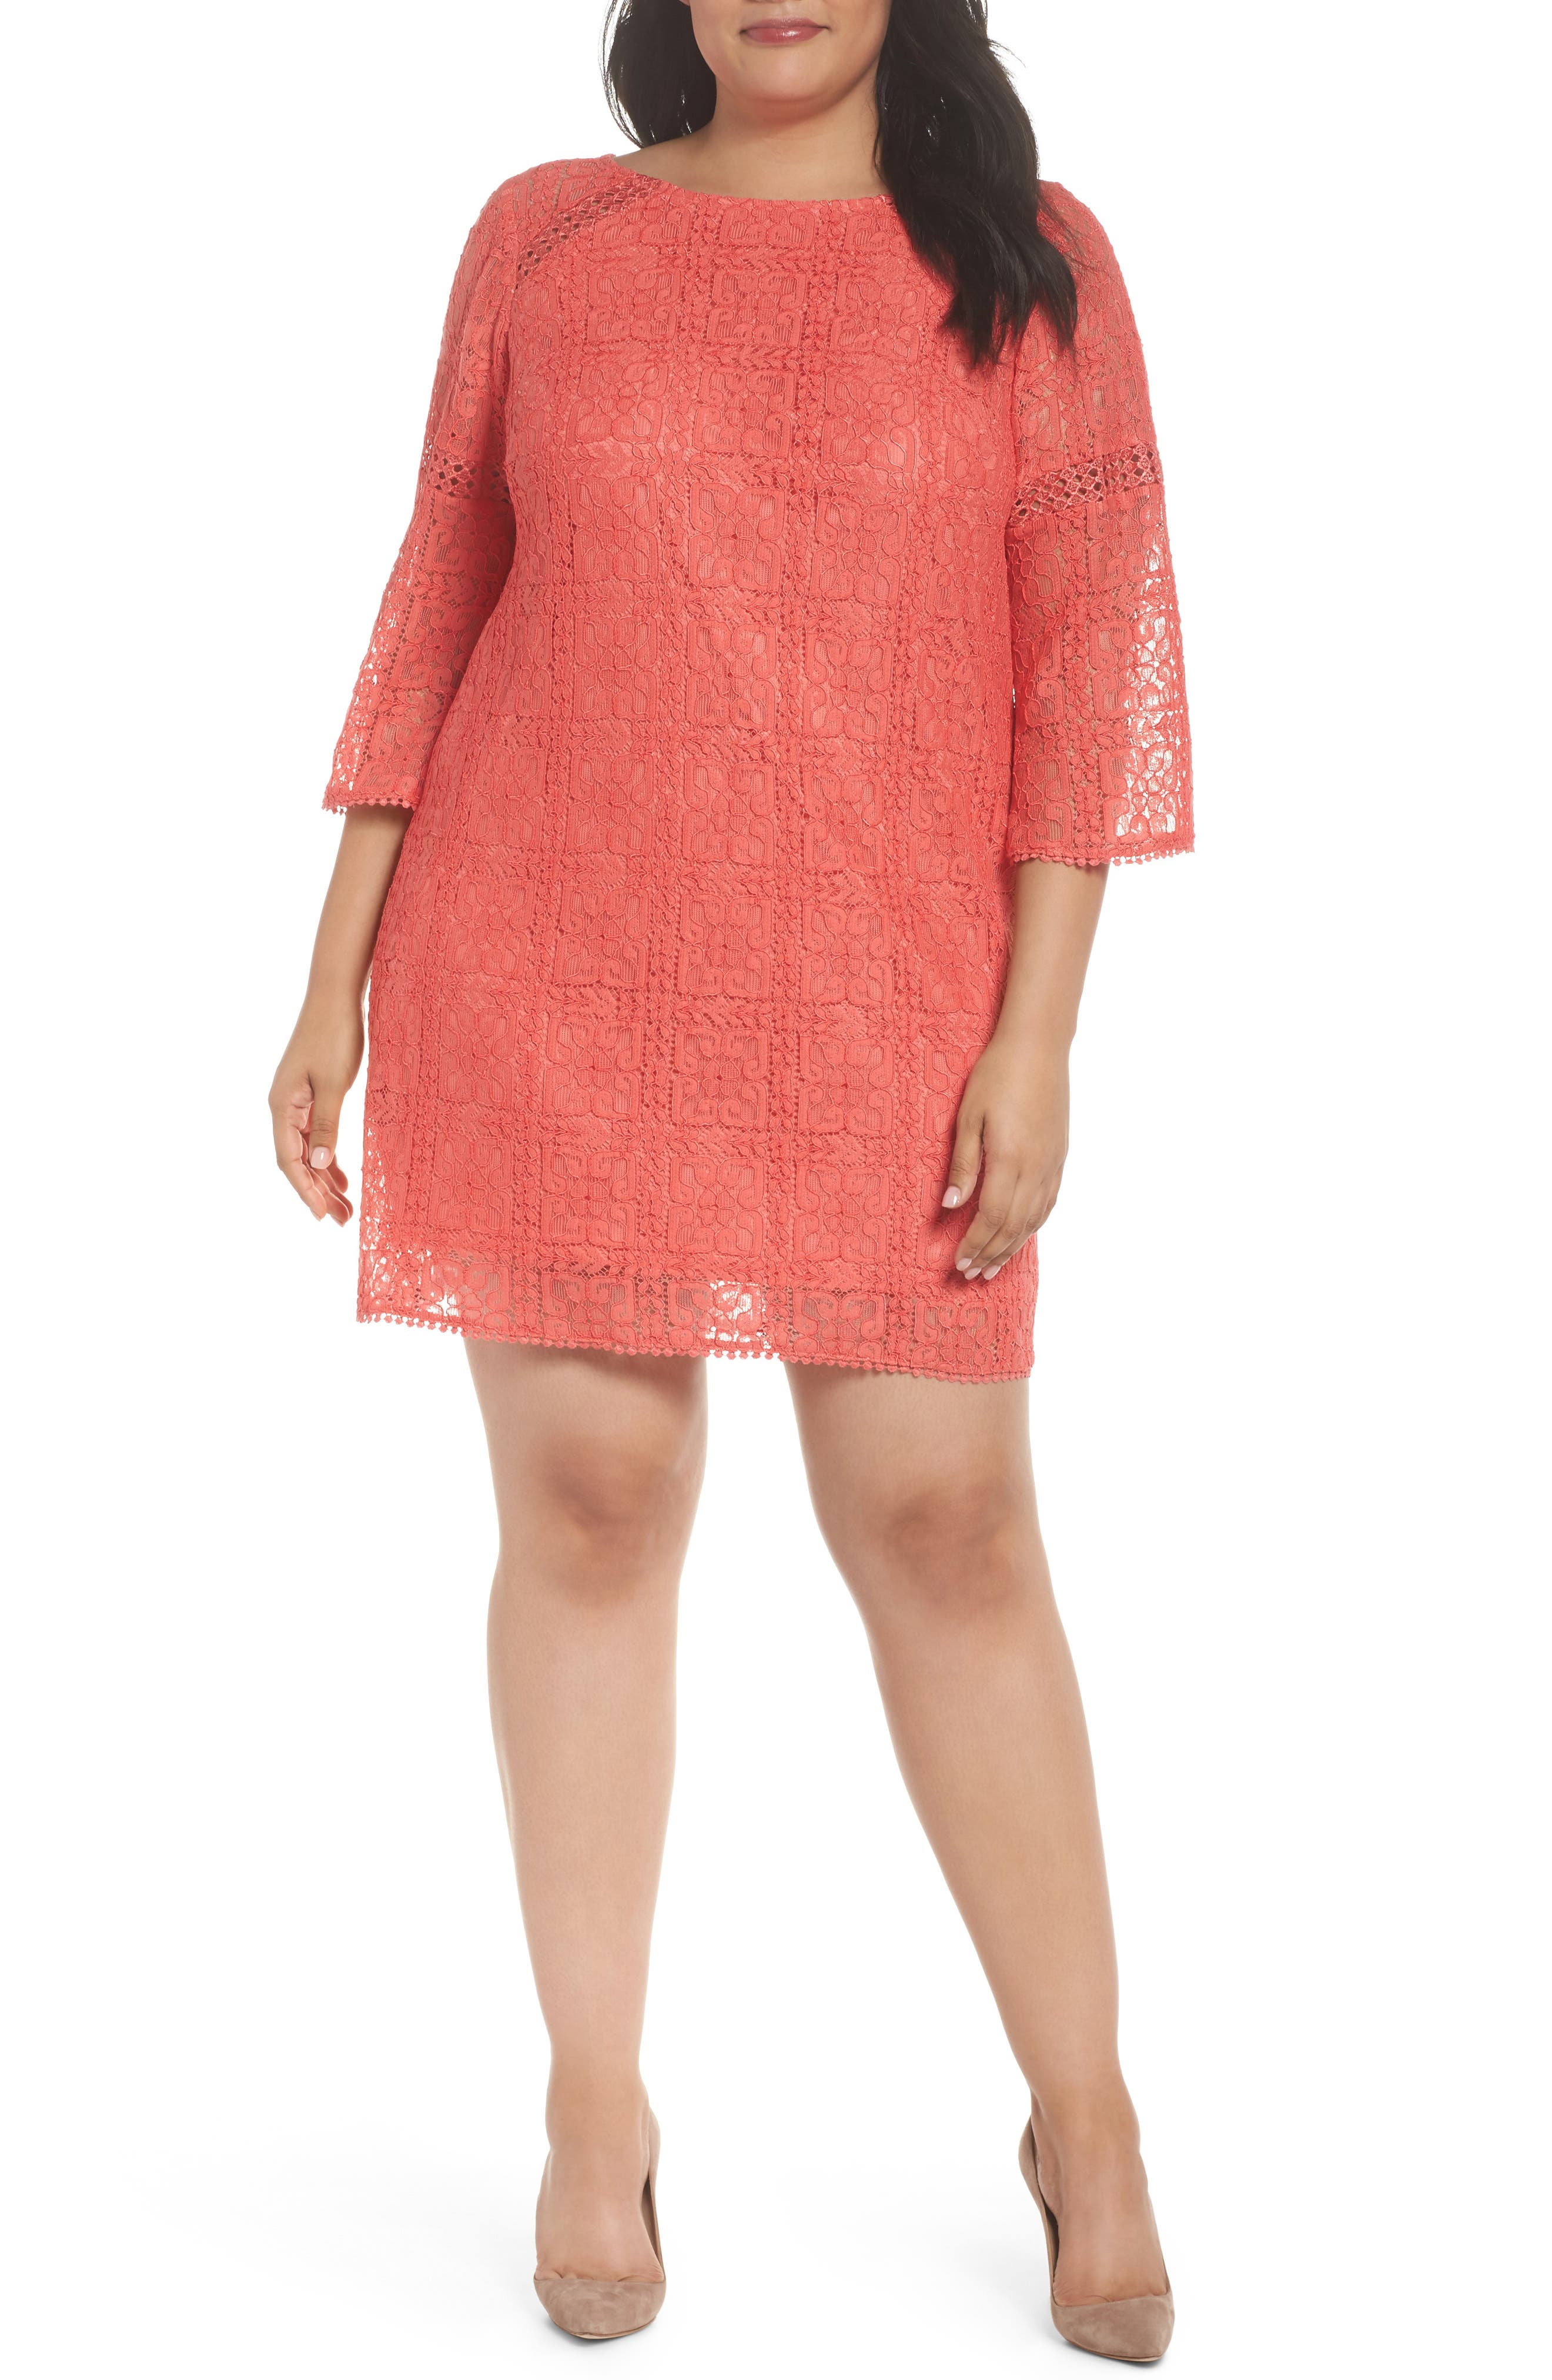 Adrianna Papell Marni Lace Shift Dress (Plus Size)